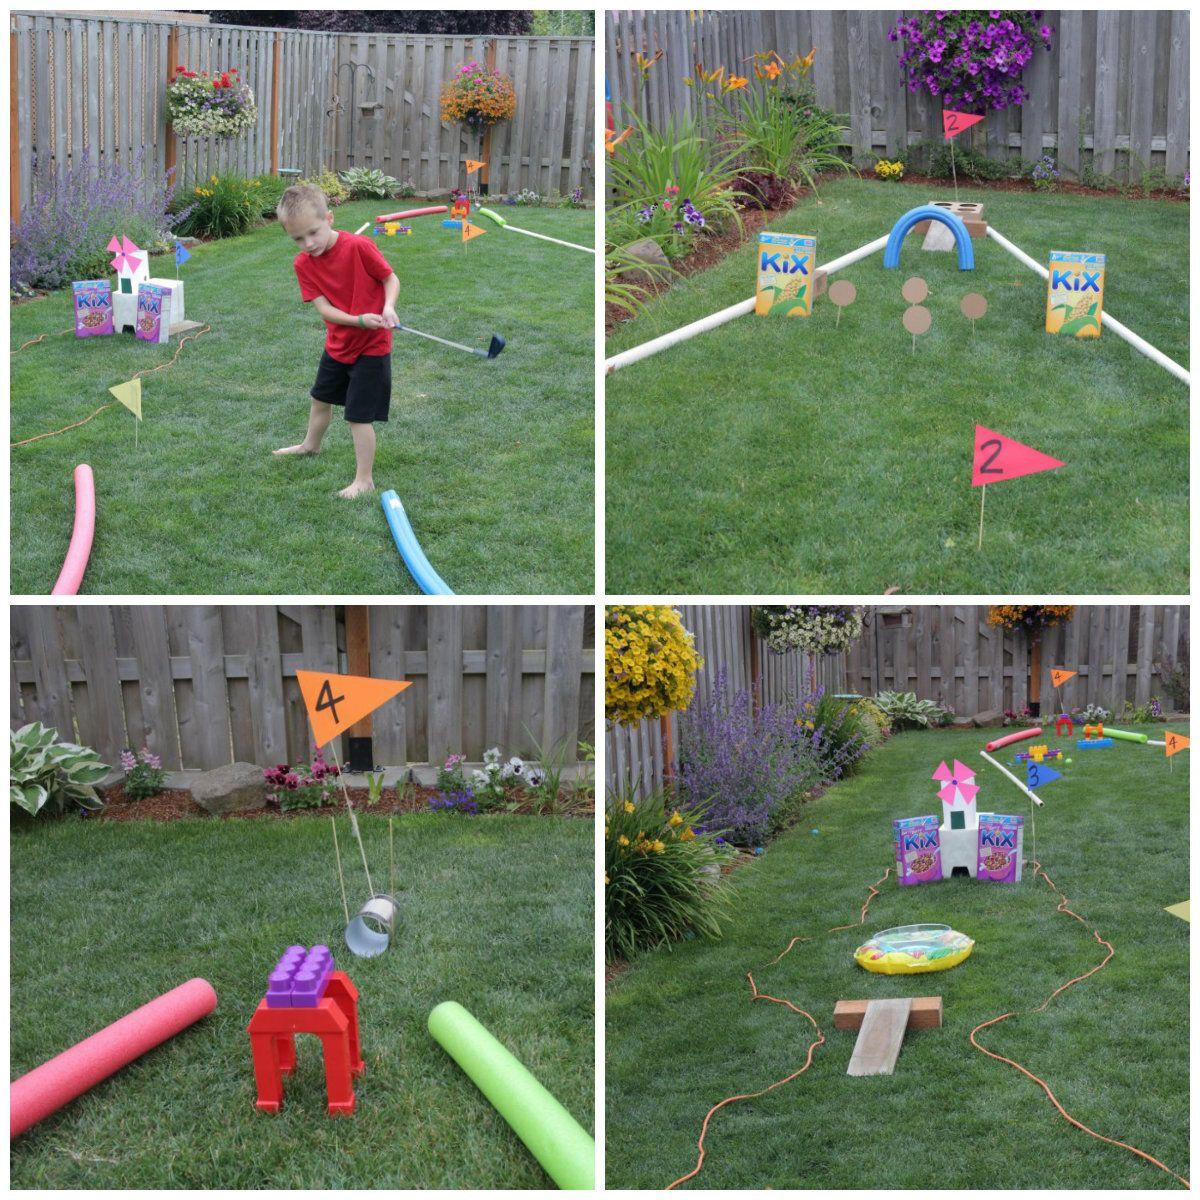 jeux pour le jardin aire de jeux jardin id es cr atives pour les enfants en plein air quels. Black Bedroom Furniture Sets. Home Design Ideas